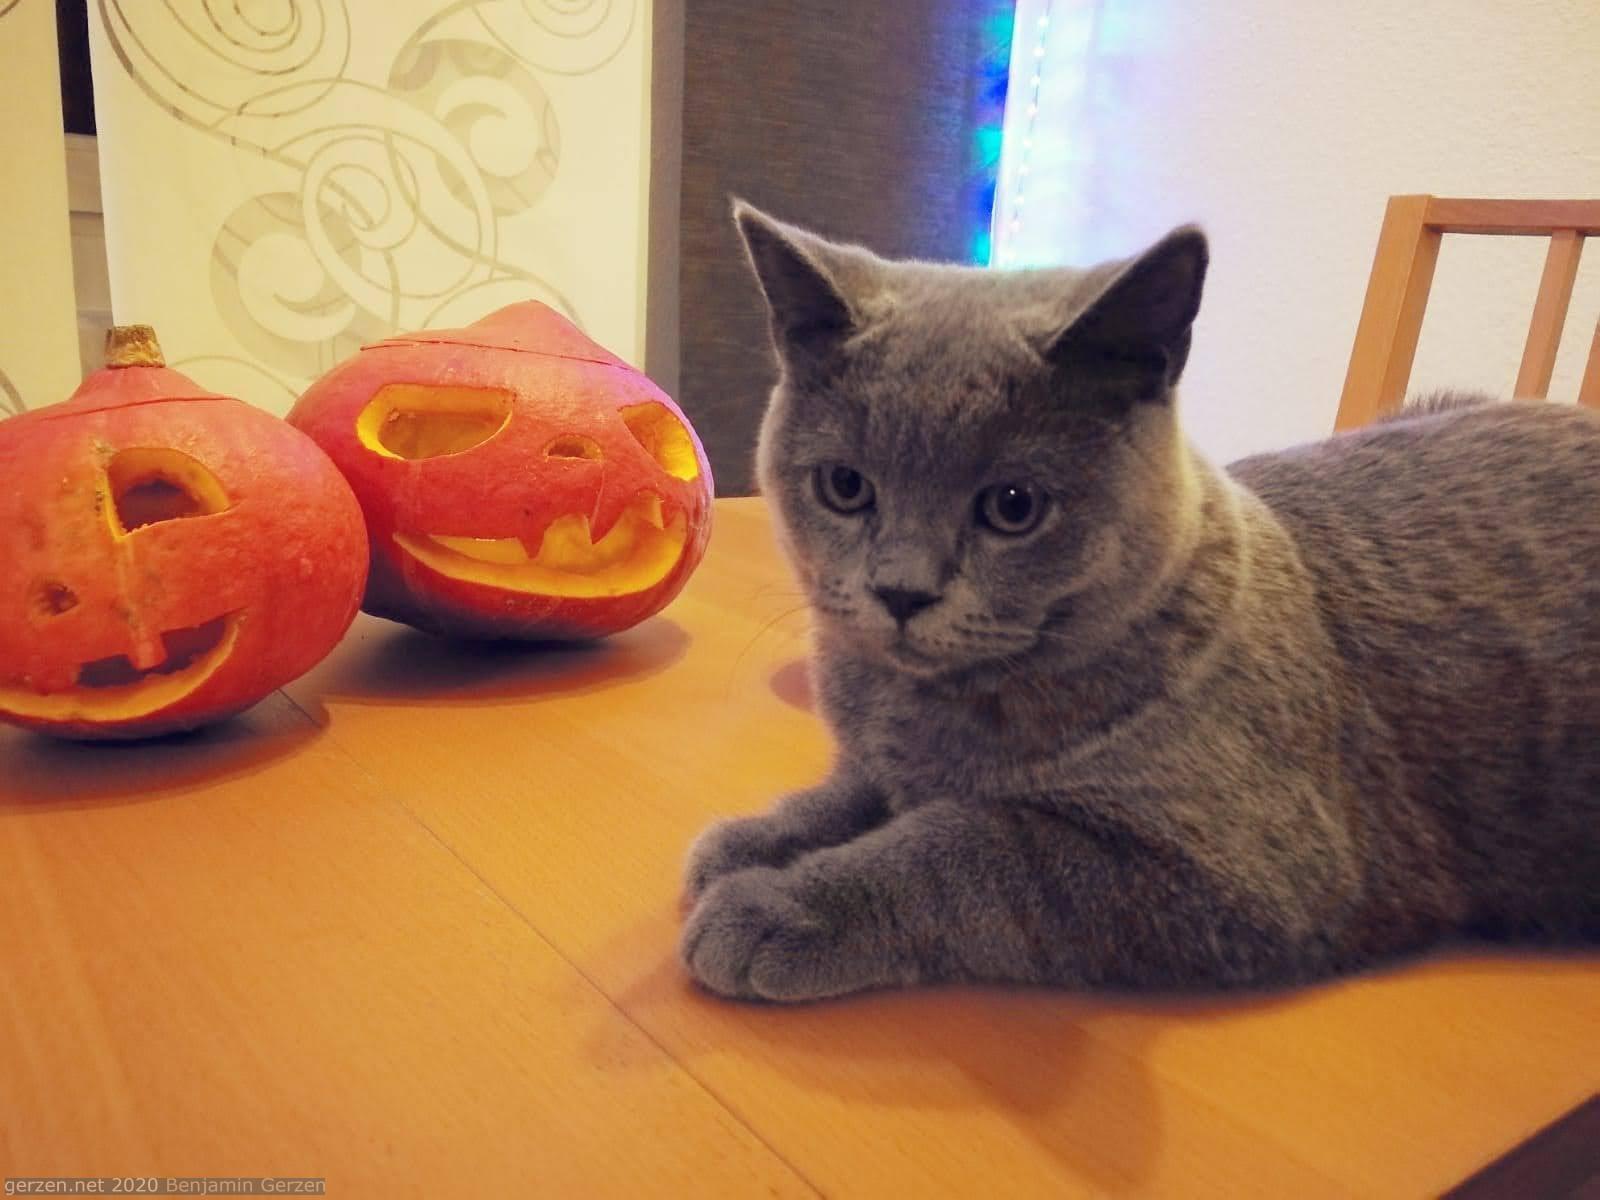 Кот на столе рядом с тыквами